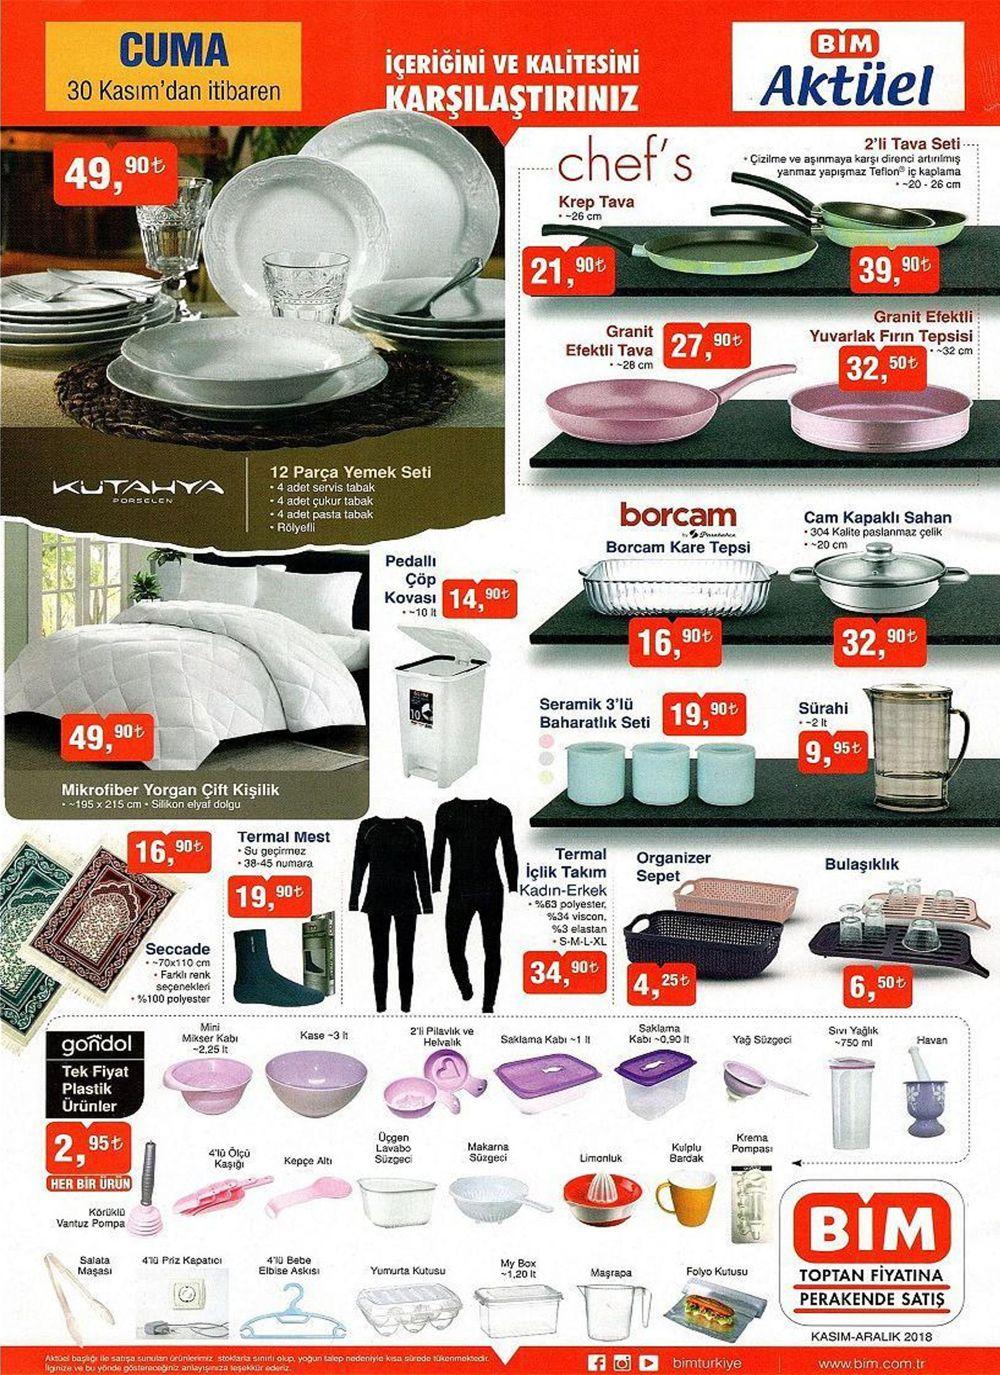 BİM 30 Kasım Cuma aktüel ürünler kataloğu 2018 BİM 7 Aralık aktüel ürünler bu hafta indirim listesi - 2. resim